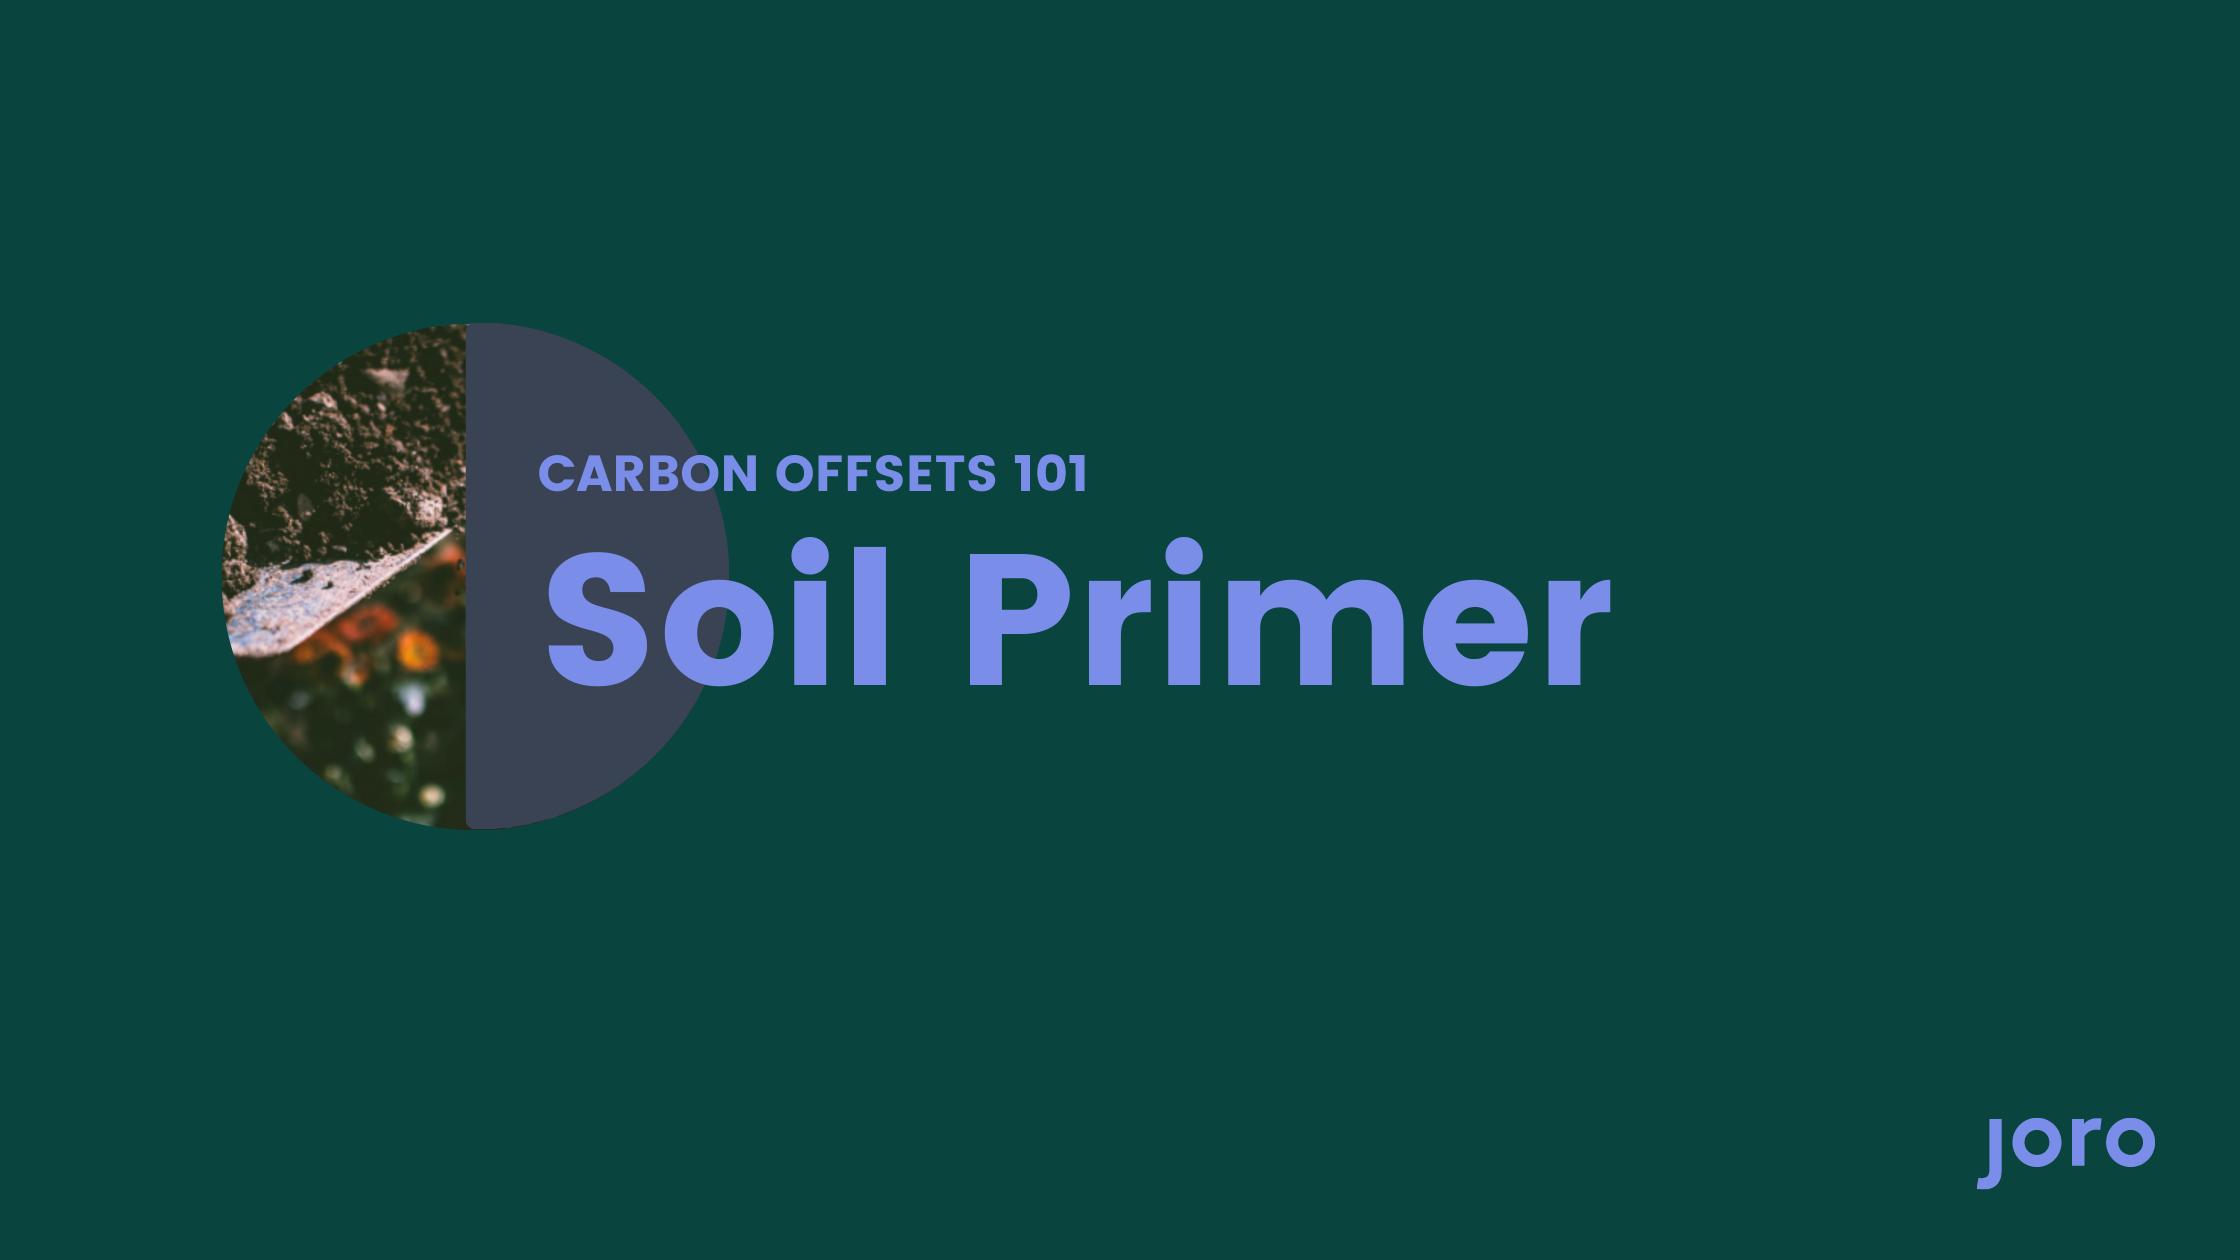 Carbon Offsets 101: Soil Primer